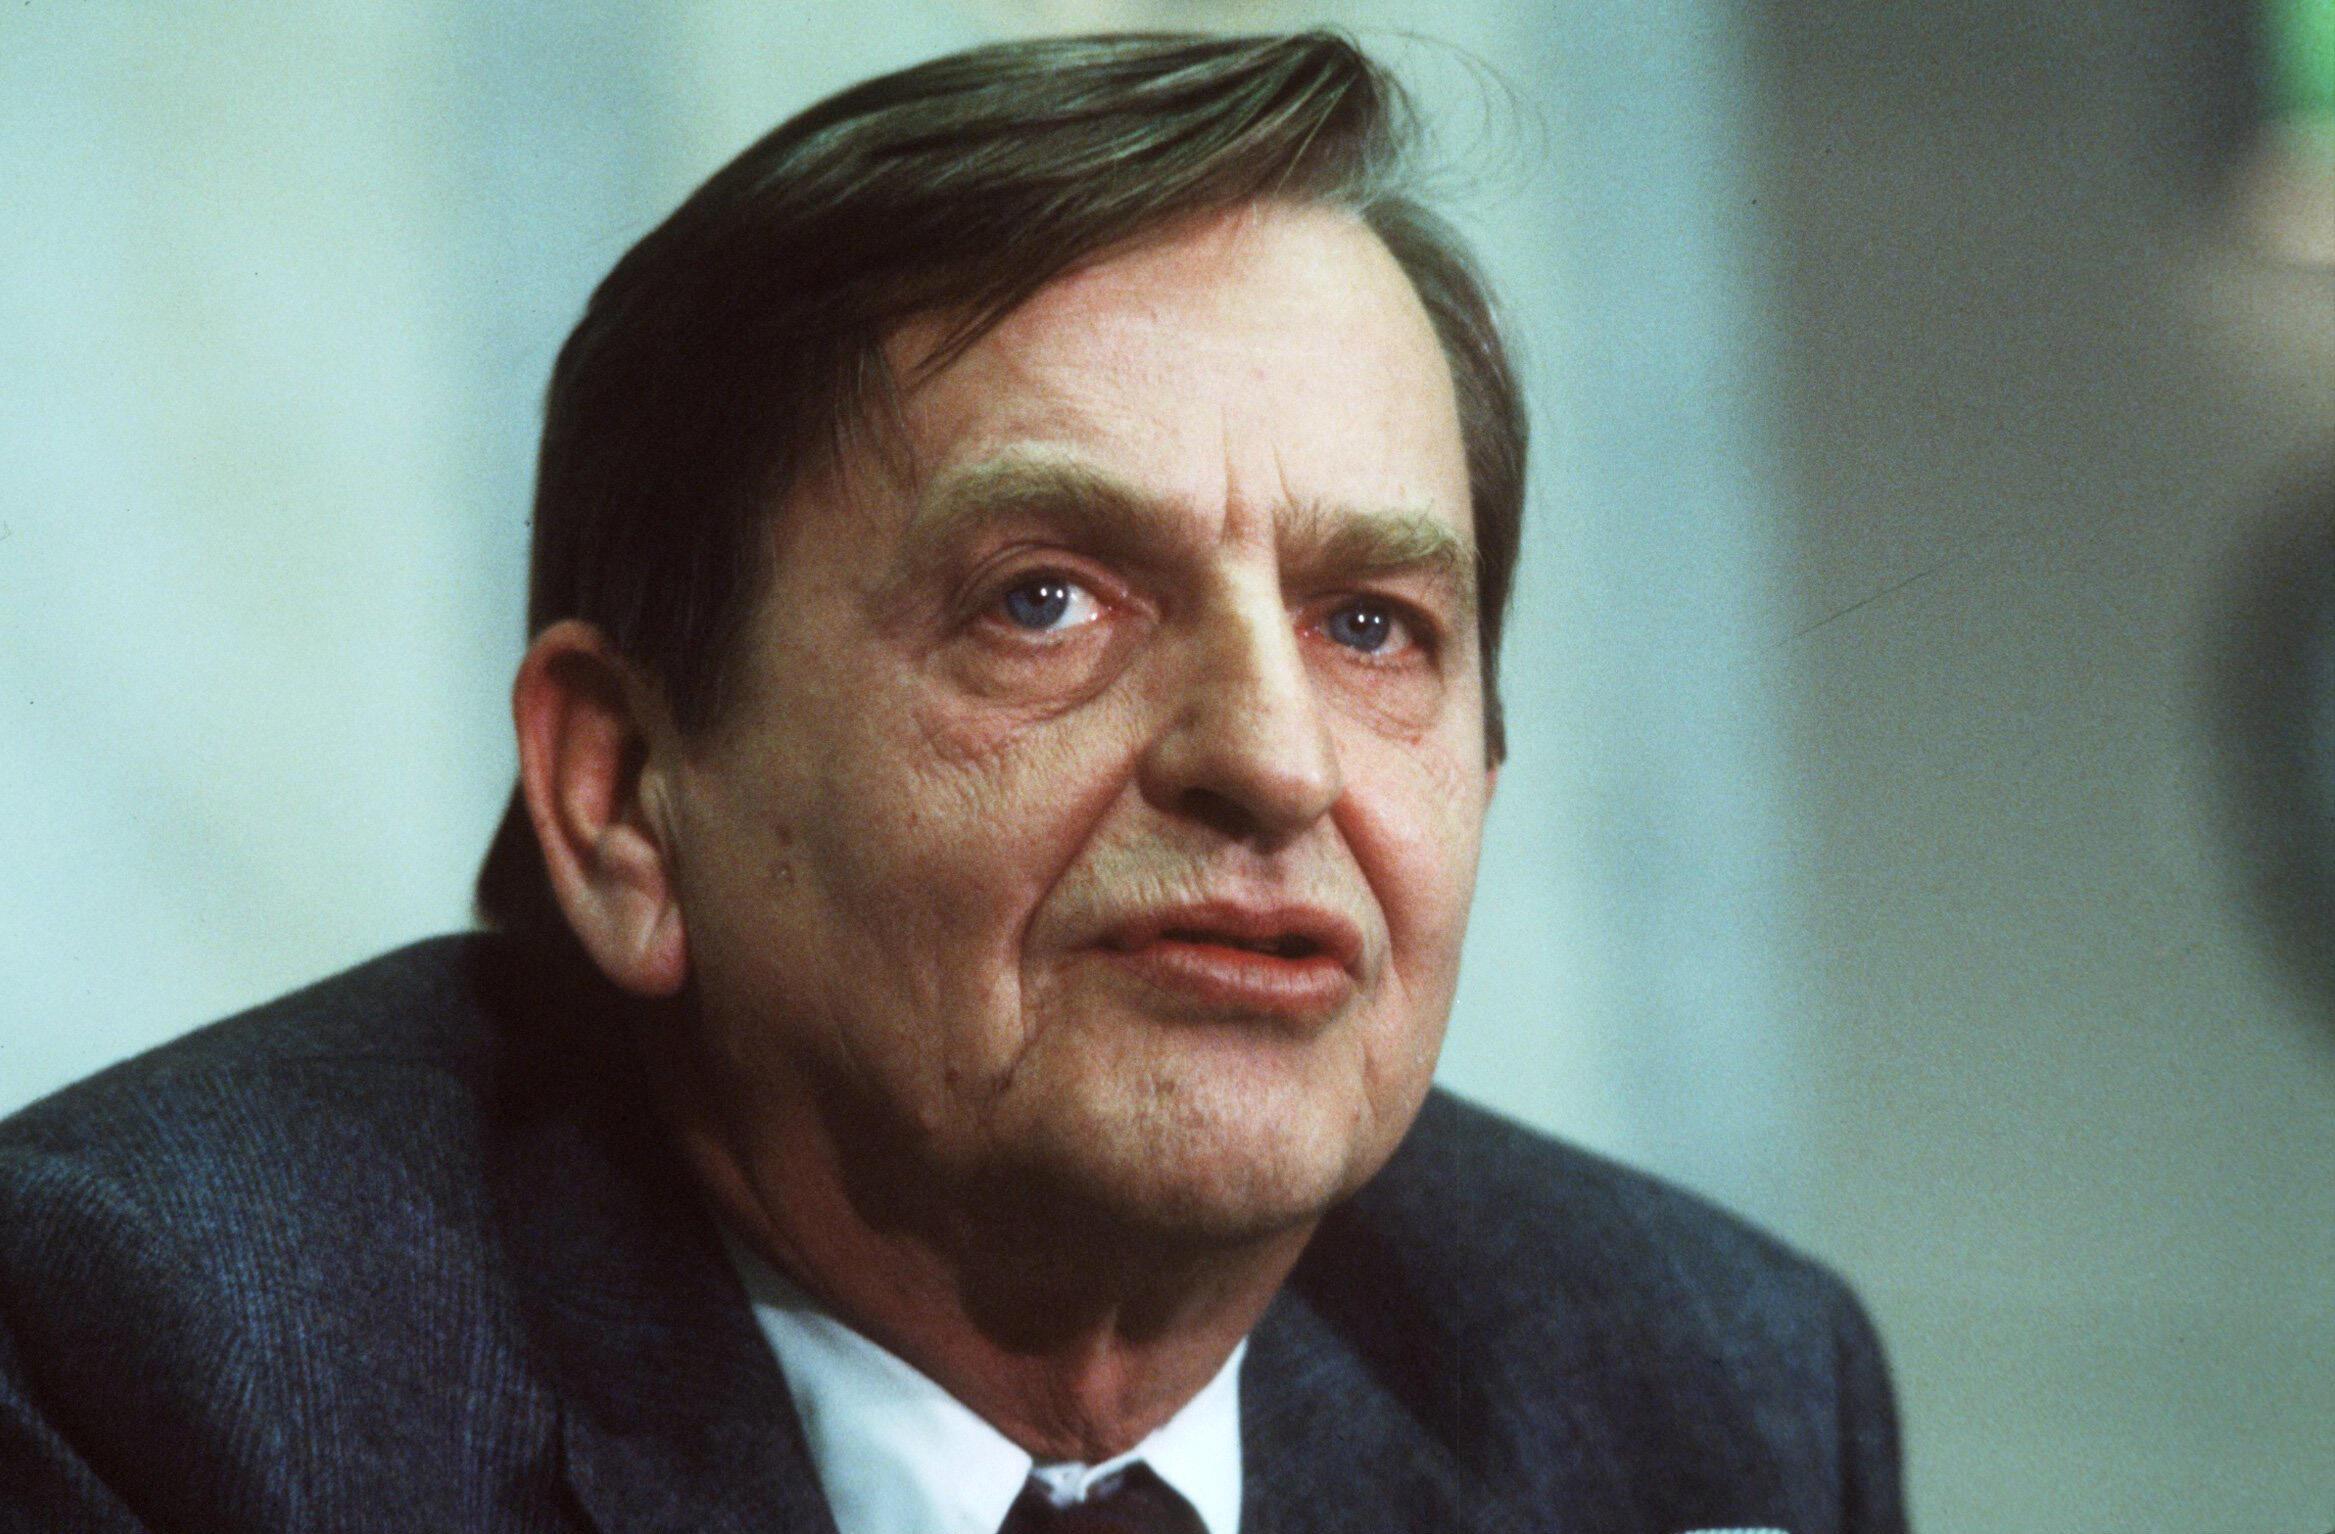 Le Premier ministre suédois Olof Palme, photographié le 12 décembre 1983.